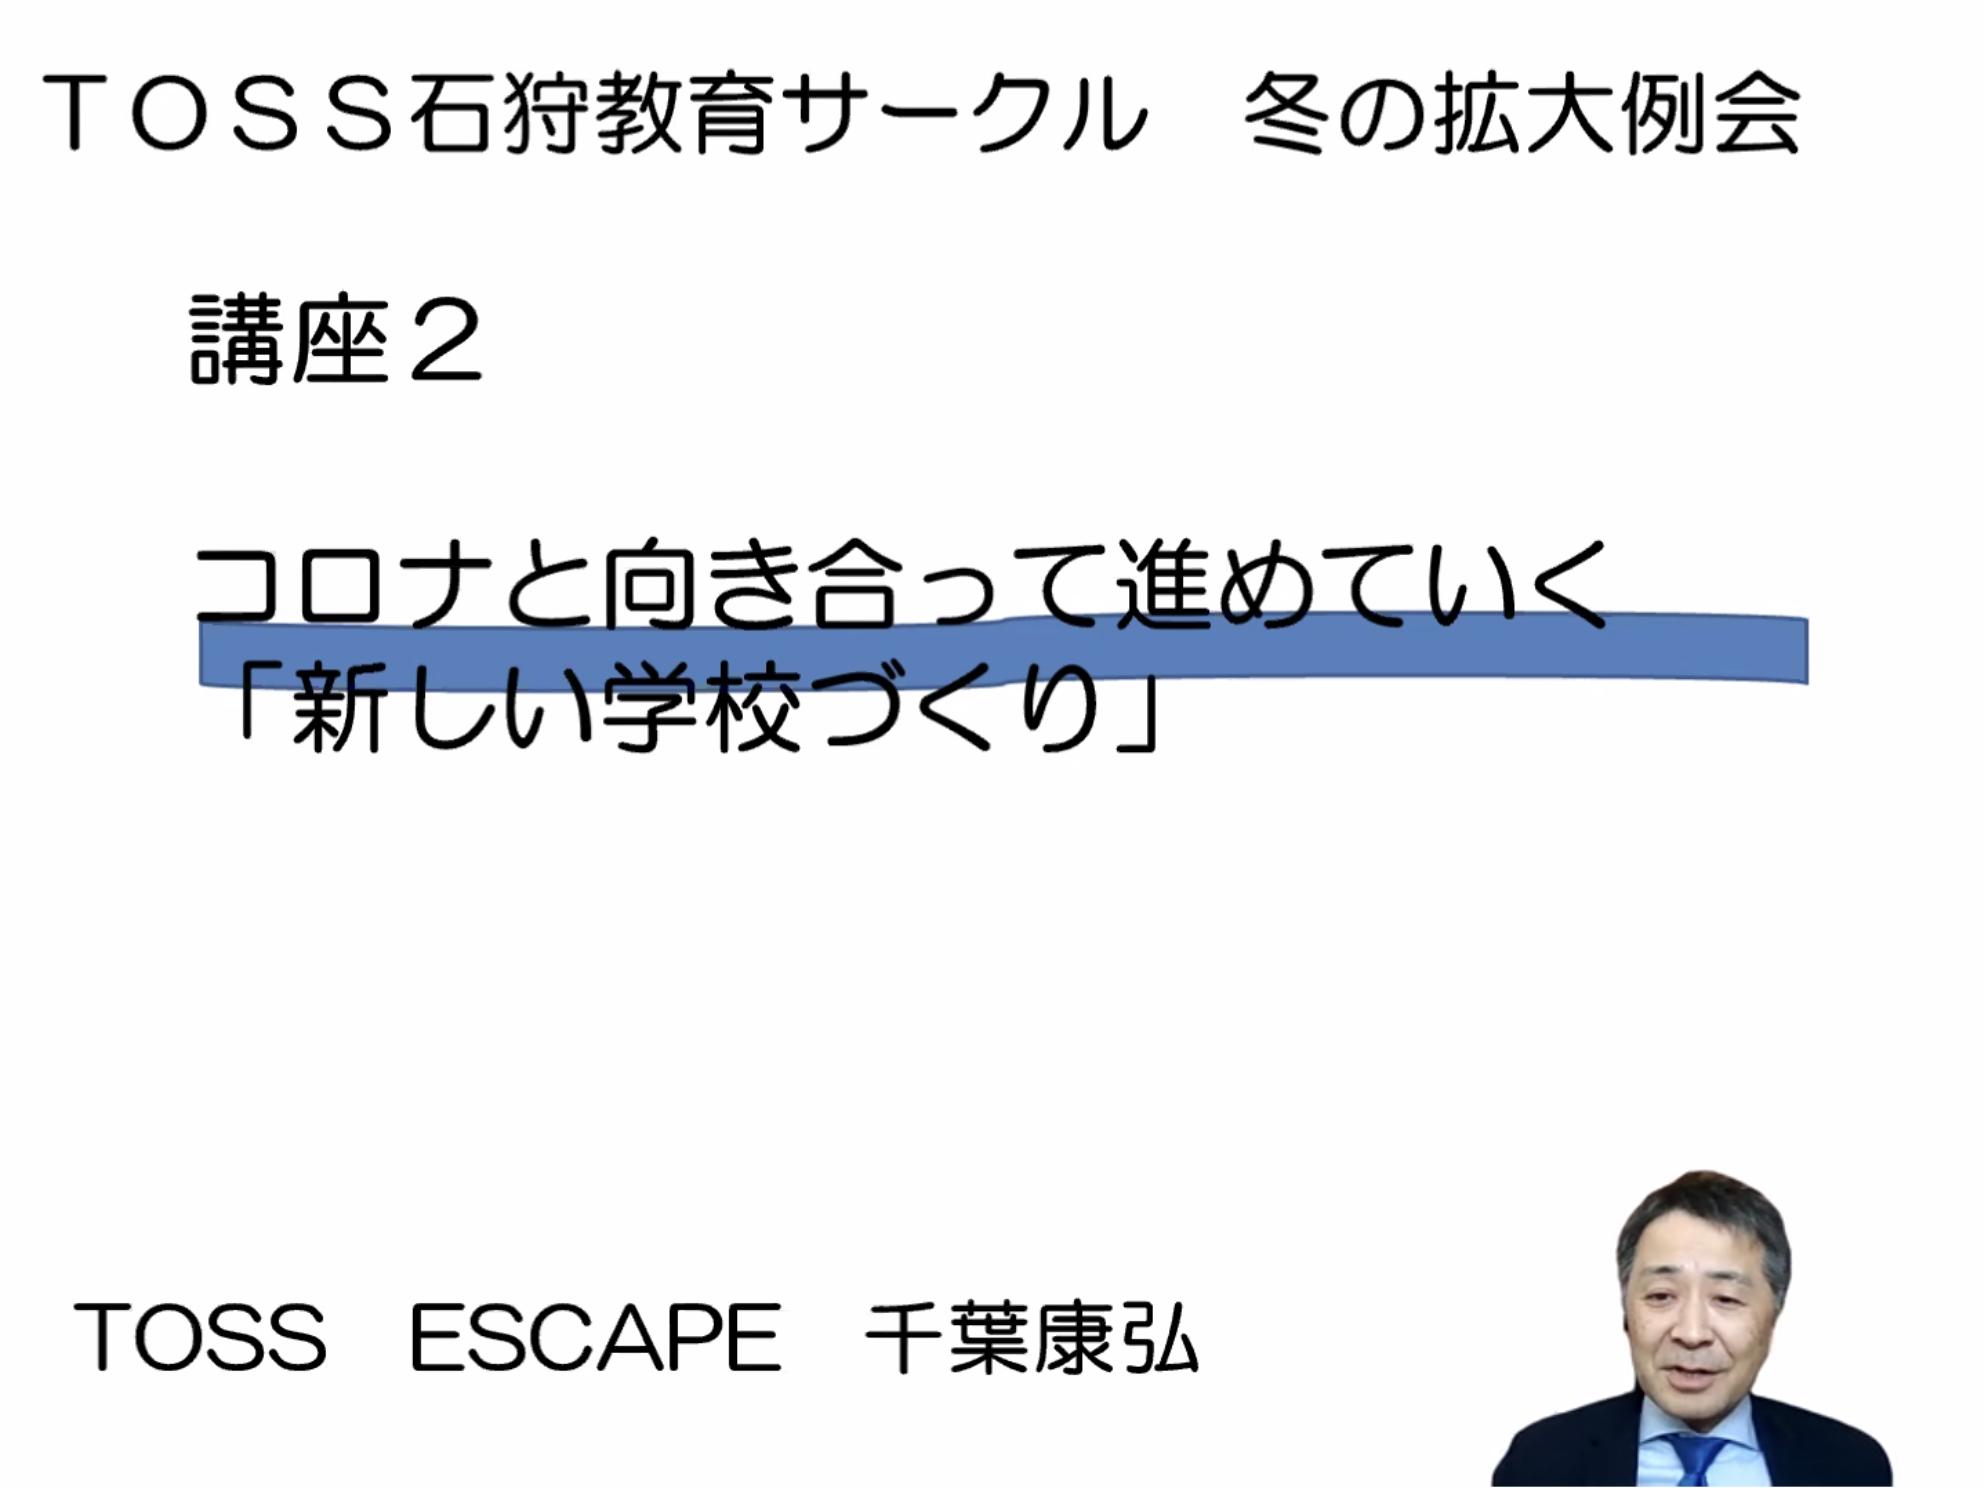 【報告】千葉康弘セミナー(TOSS石狩冬の拡大例会2021)を開催_e0252129_18043612.png